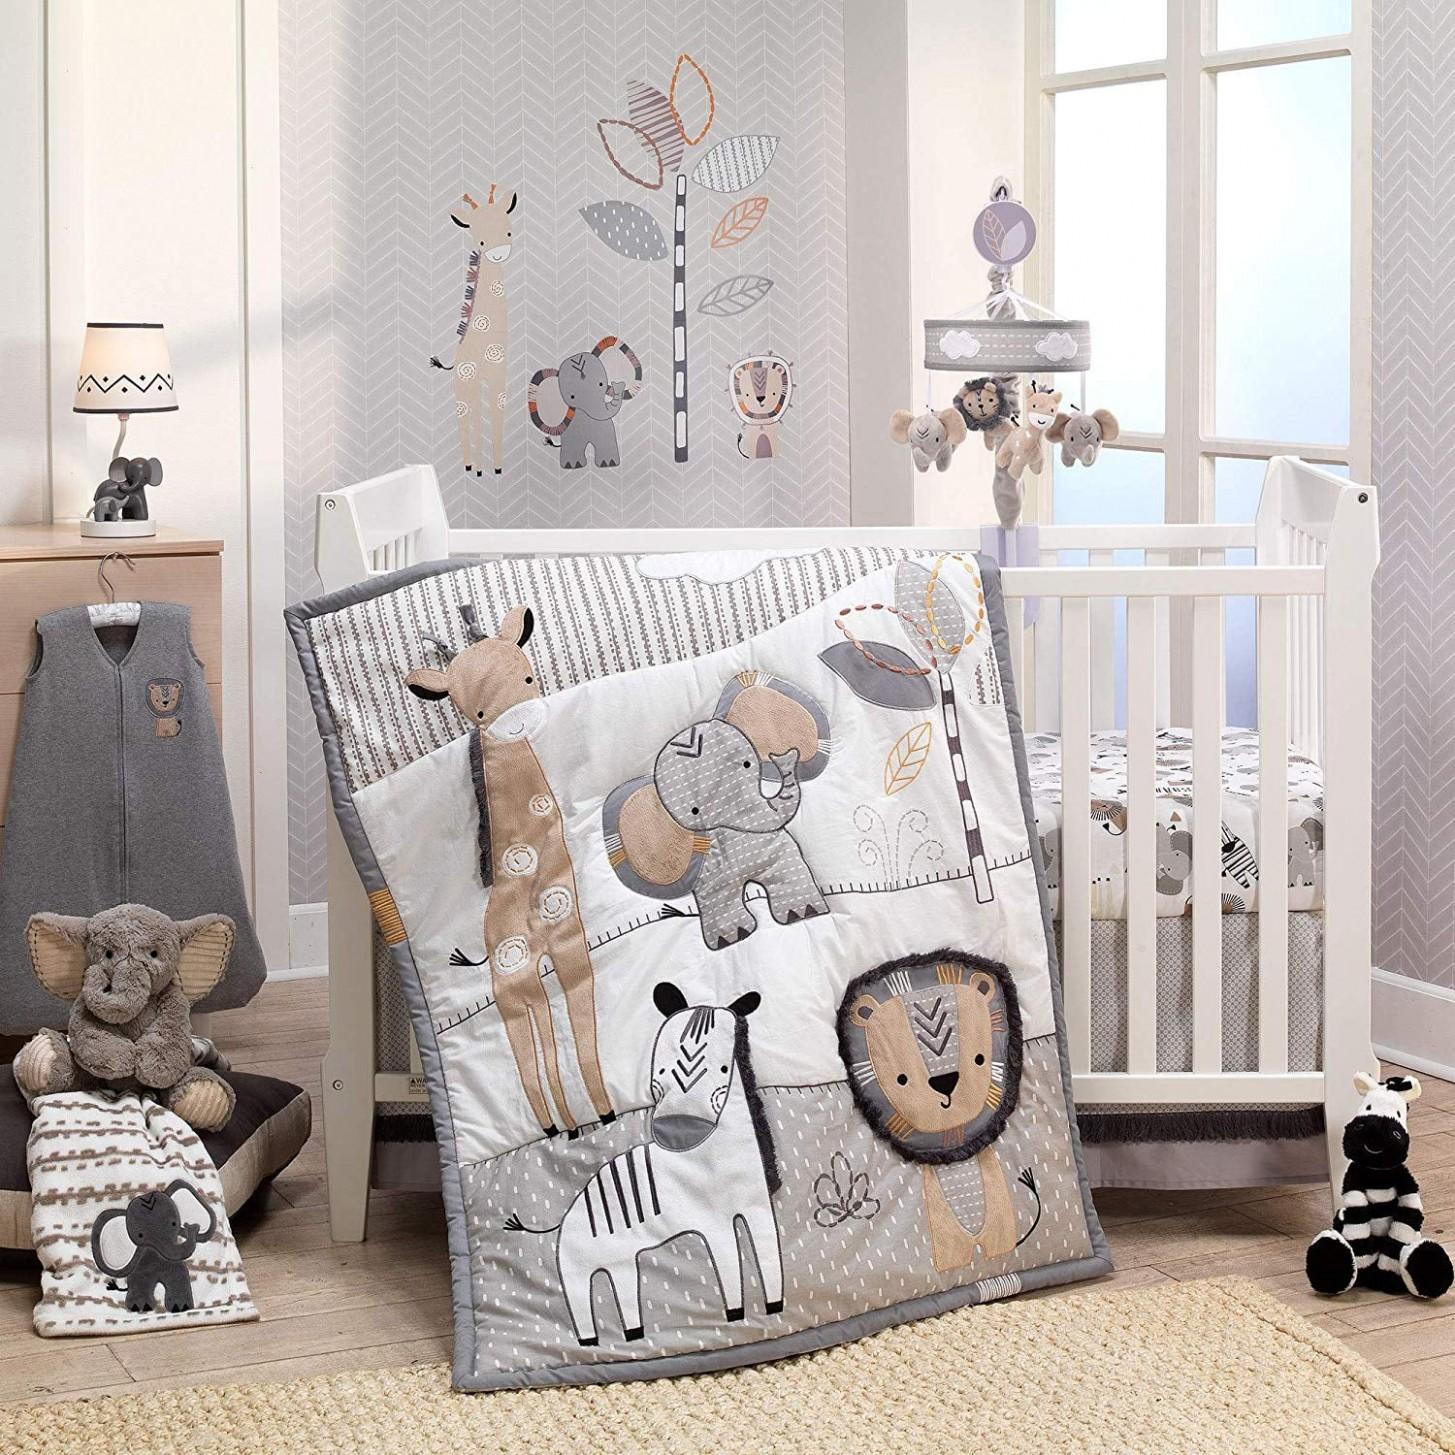 Best Nursery Essentials from Amazon Under $10  POPSUGAR Family - Baby Room Essentials